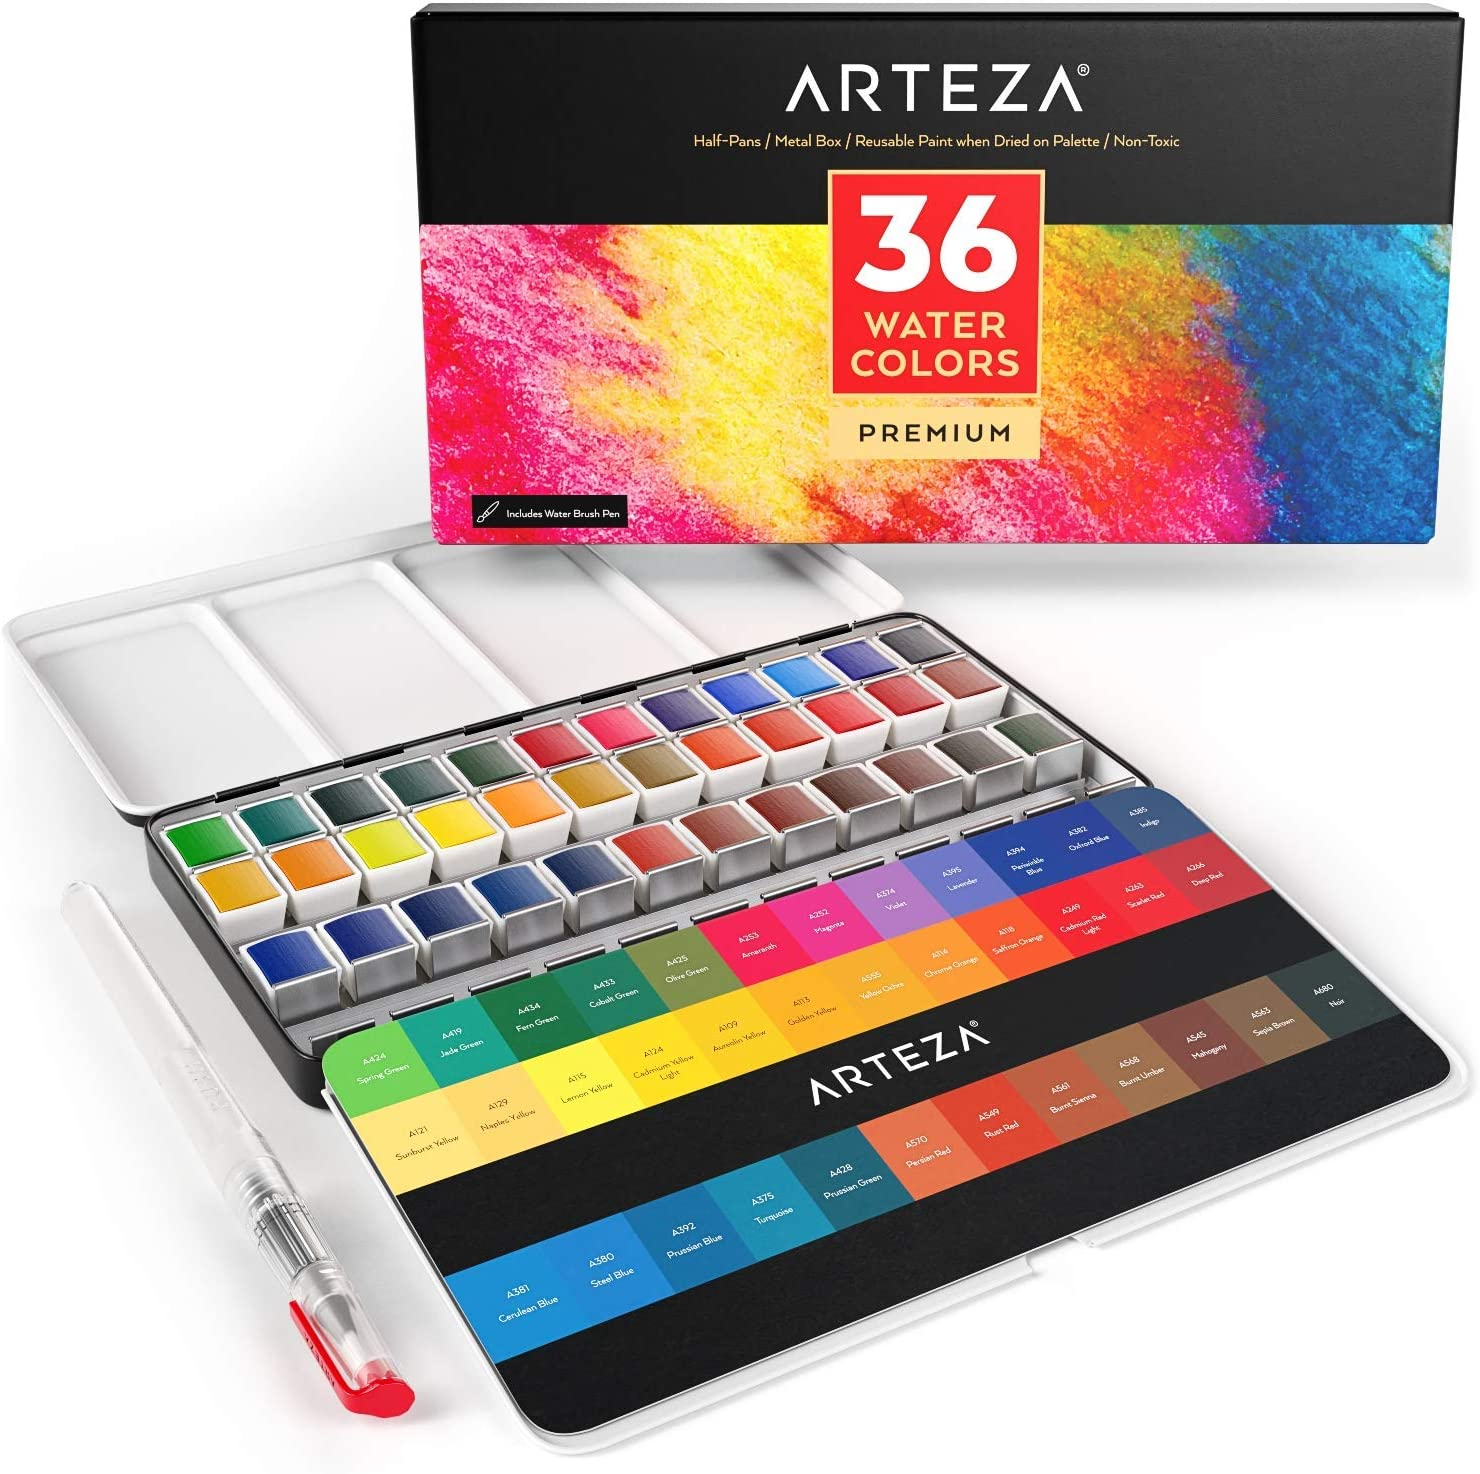 Pintura de acuarela ARTEZA juego  36 colores con pincel